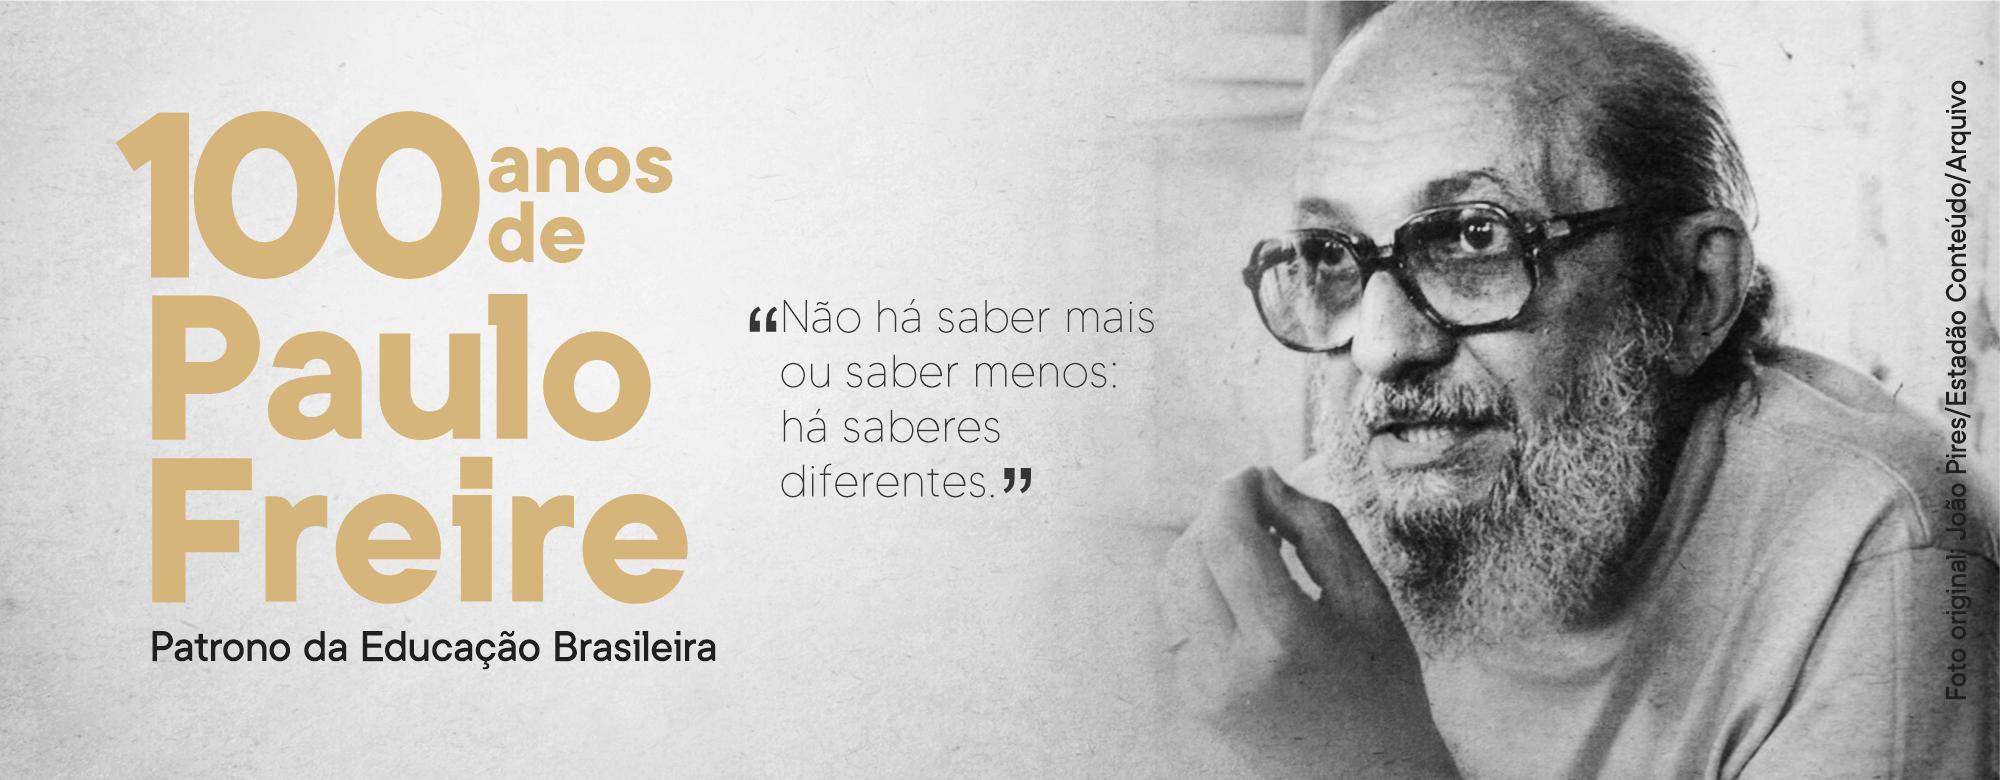 Homenagem ao Centenário de Paulo Freire